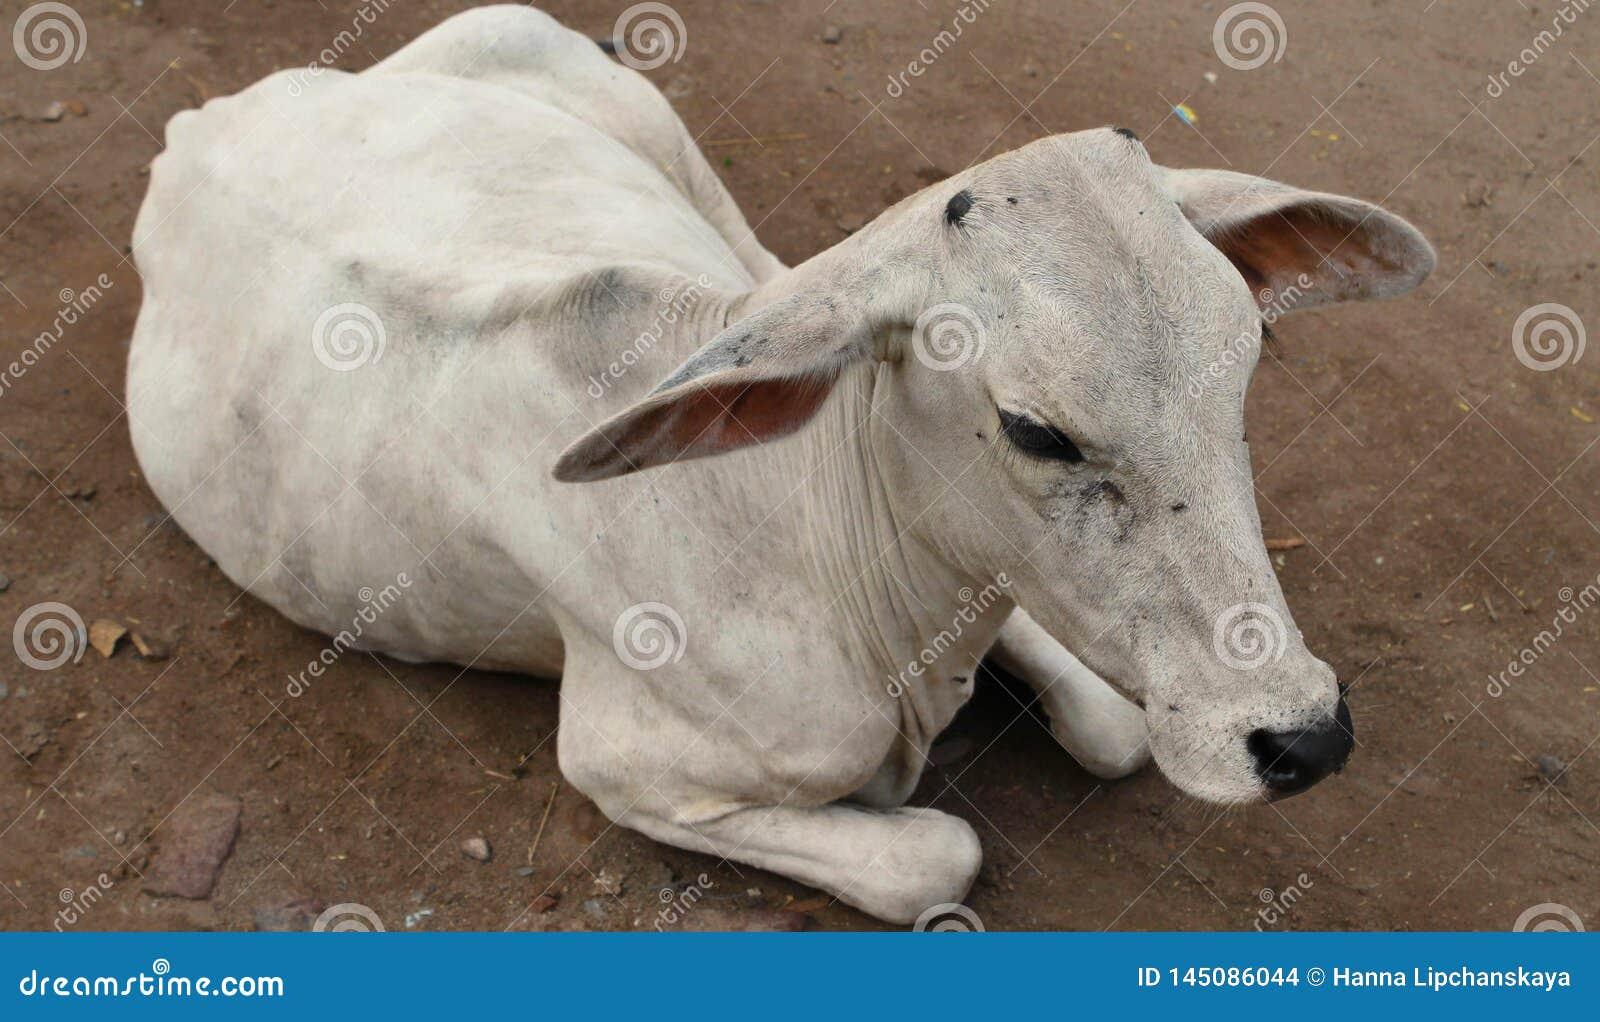 Een witte koe die op de grond liggen